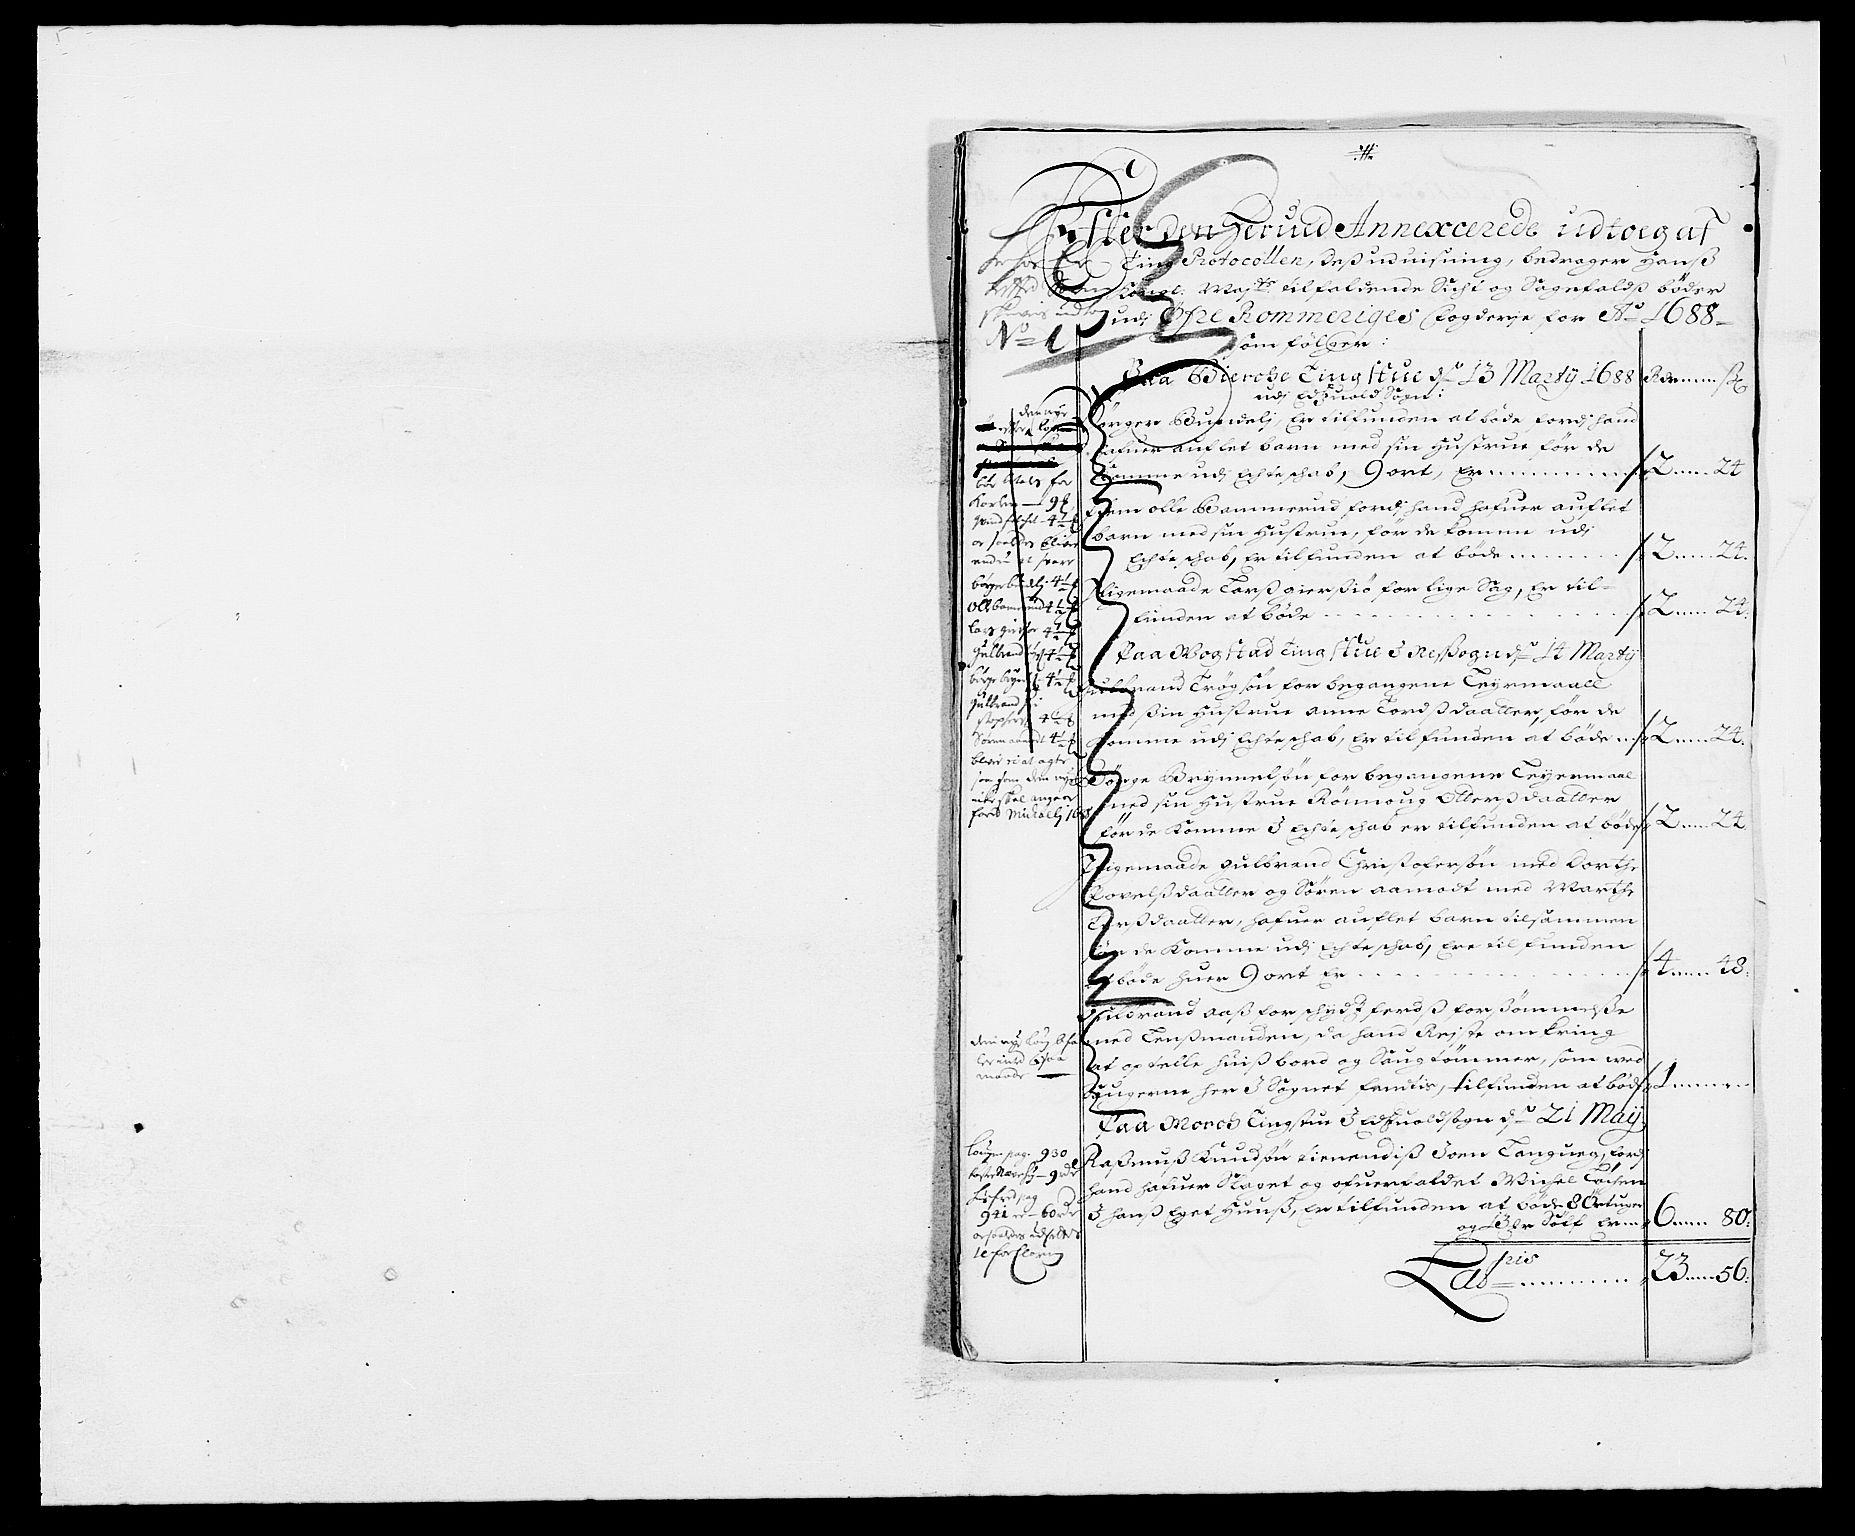 RA, Rentekammeret inntil 1814, Reviderte regnskaper, Fogderegnskap, R12/L0700: Fogderegnskap Øvre Romerike, 1687-1688, s. 298